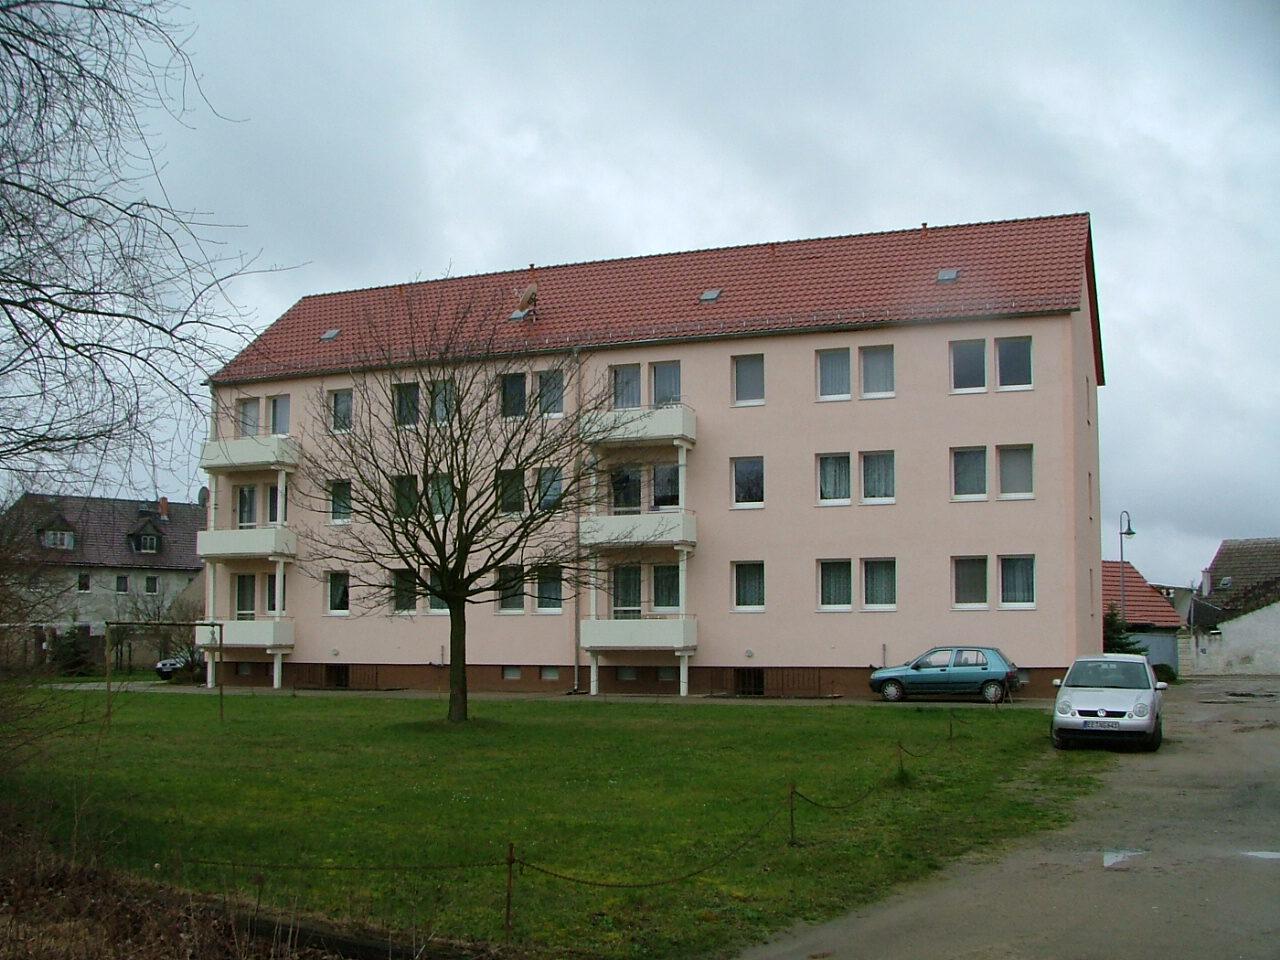 Charmante 3-Raum-Wohnung in ländlicher Idylle